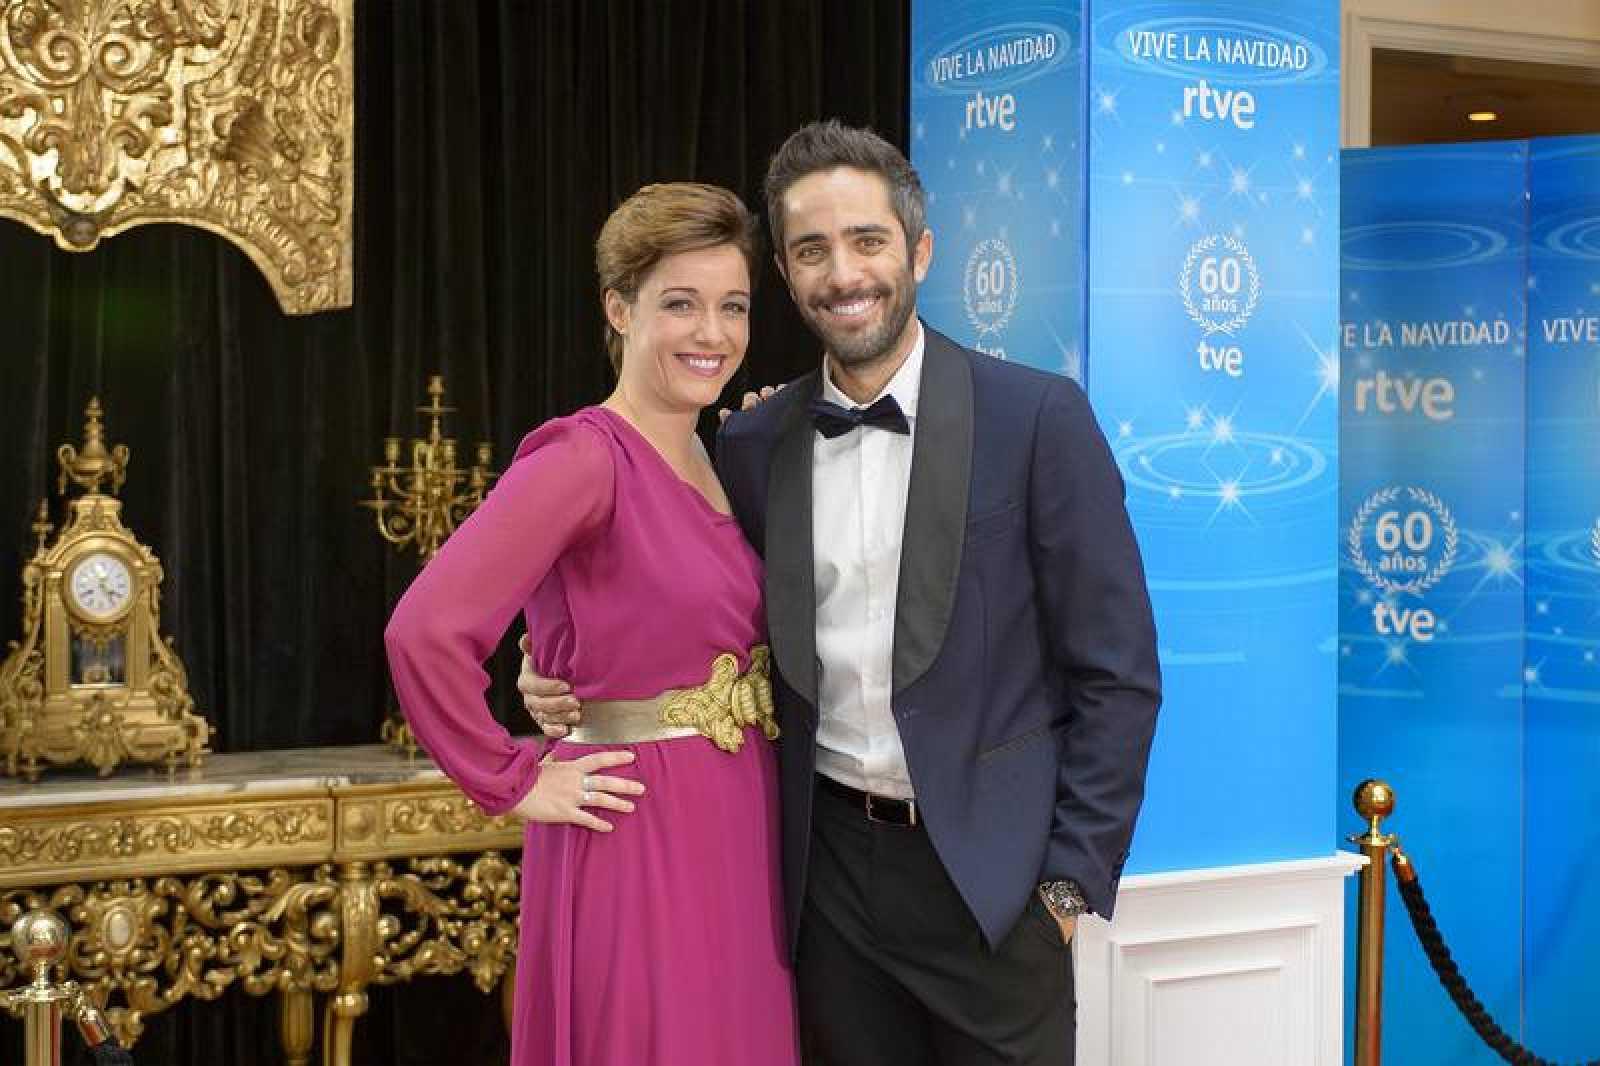 Marta Solano y Roberto Leal, presentadores de la Cabalgata en RTVE